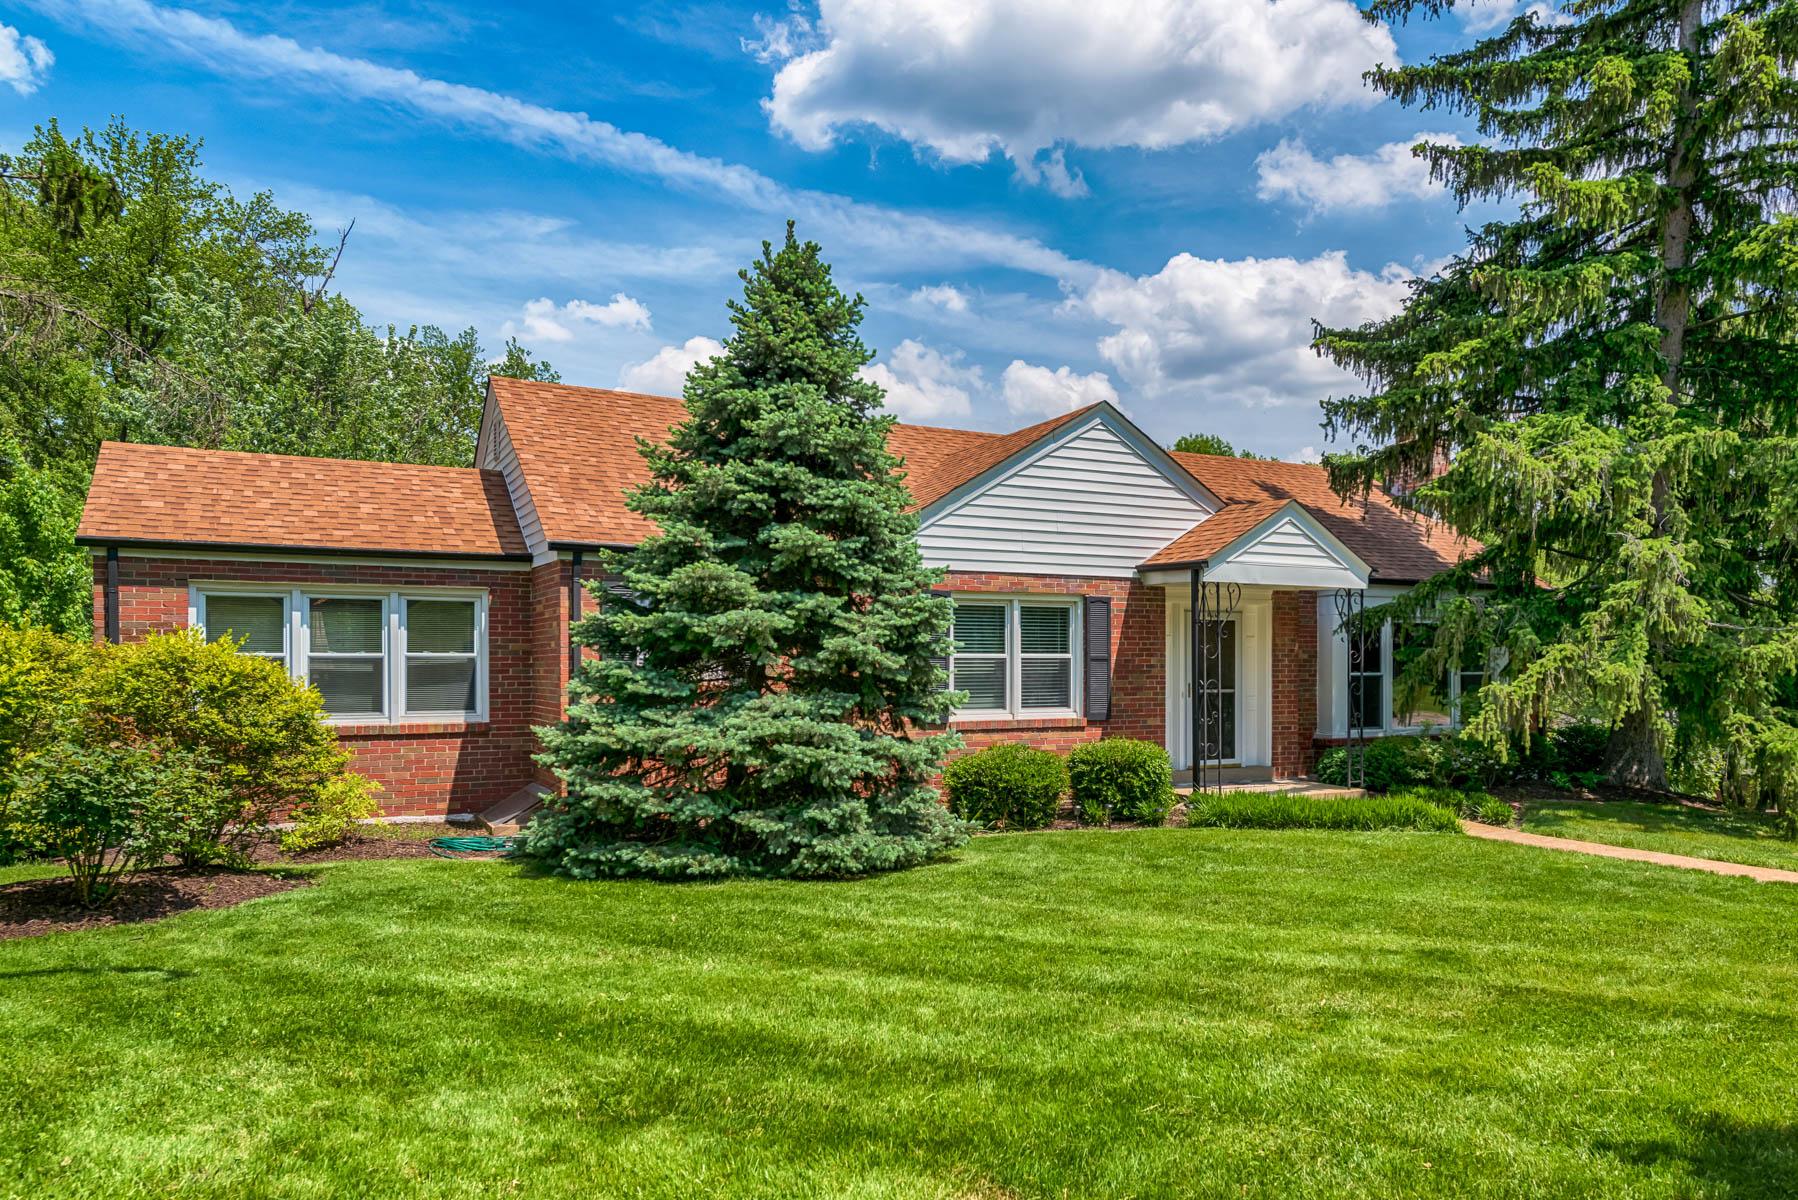 Casa para uma família para Venda às Washington Ave 8801 Washington Ave University City, Missouri 63124 Estados Unidos